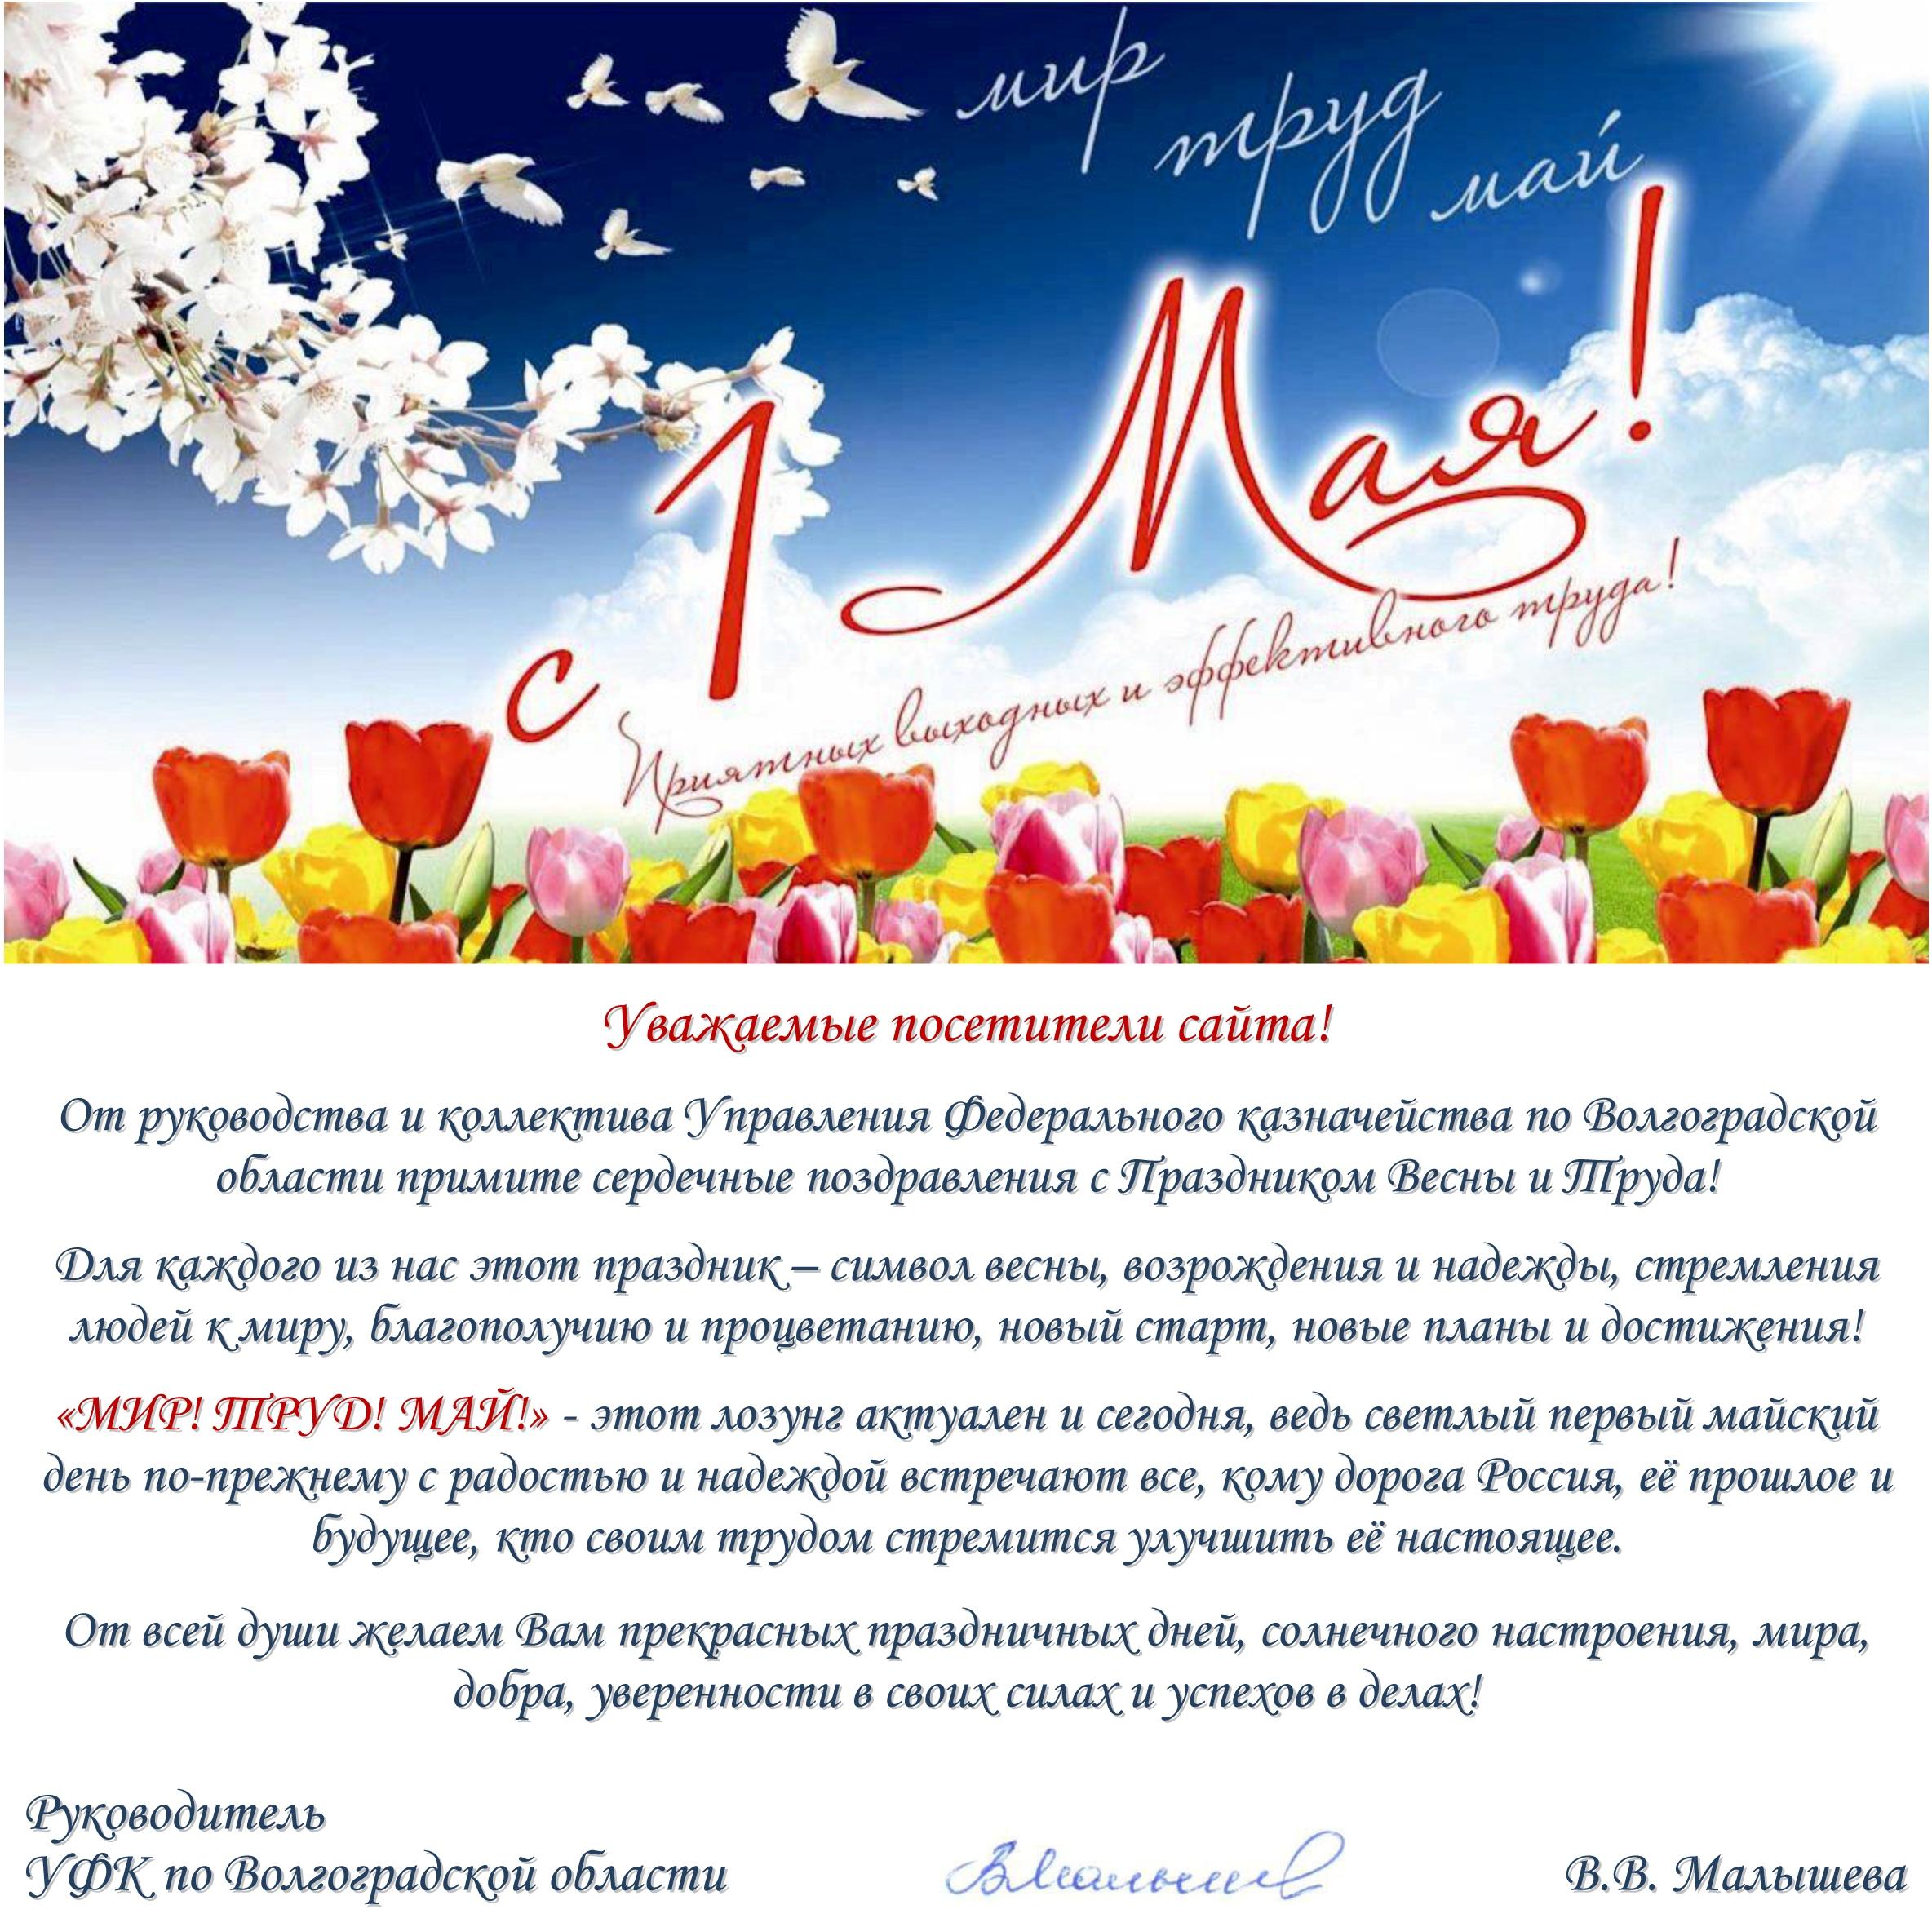 Поздравление с праздником коллективу